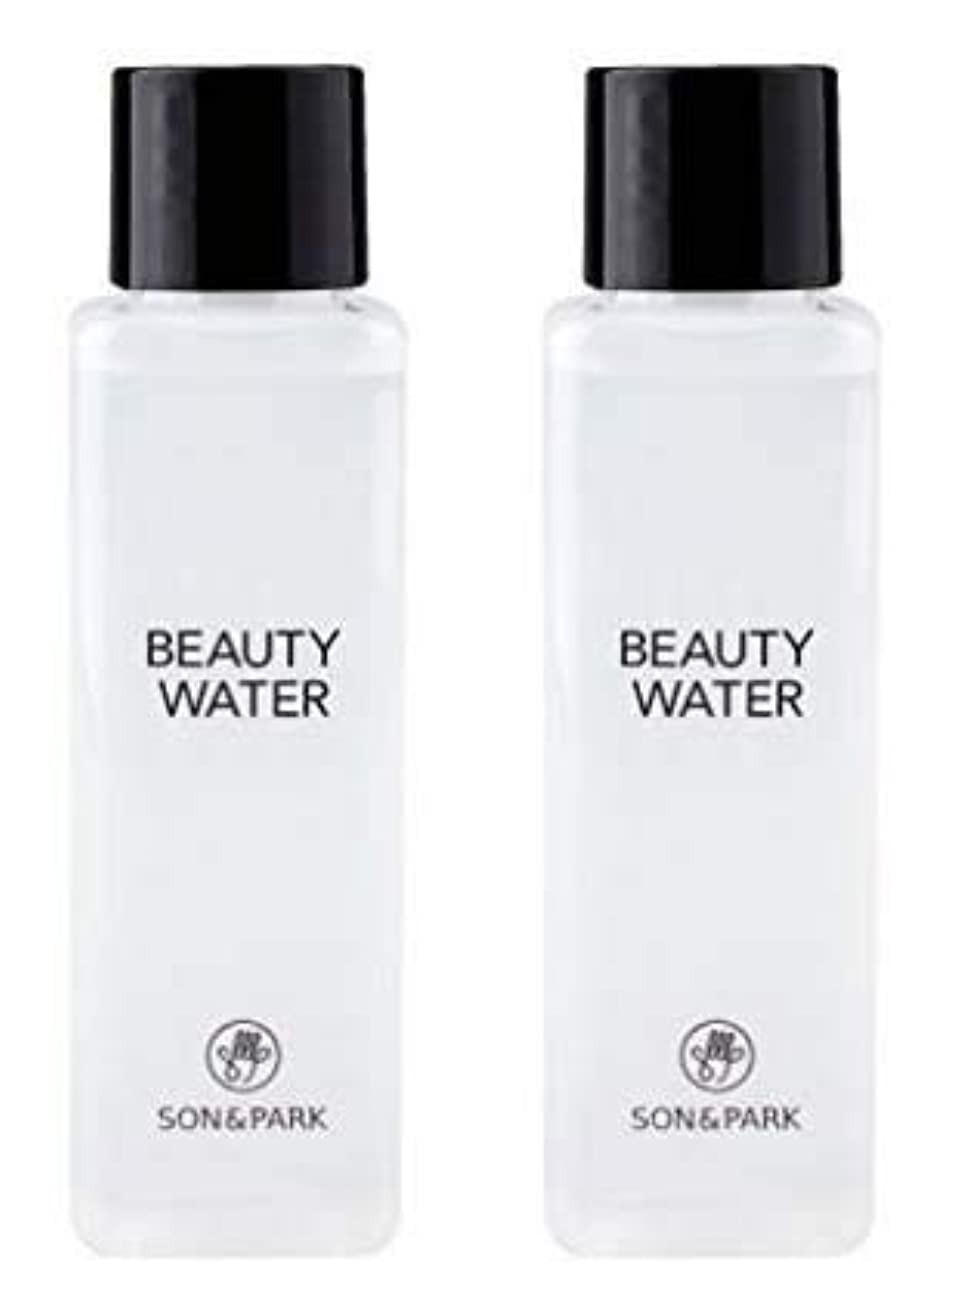 アセ例外海峡ひもSON&PARK Beauty Water 60ml*2 / ソン&パク ビューティー ウォーター 60ml*2 [並行輸入品]